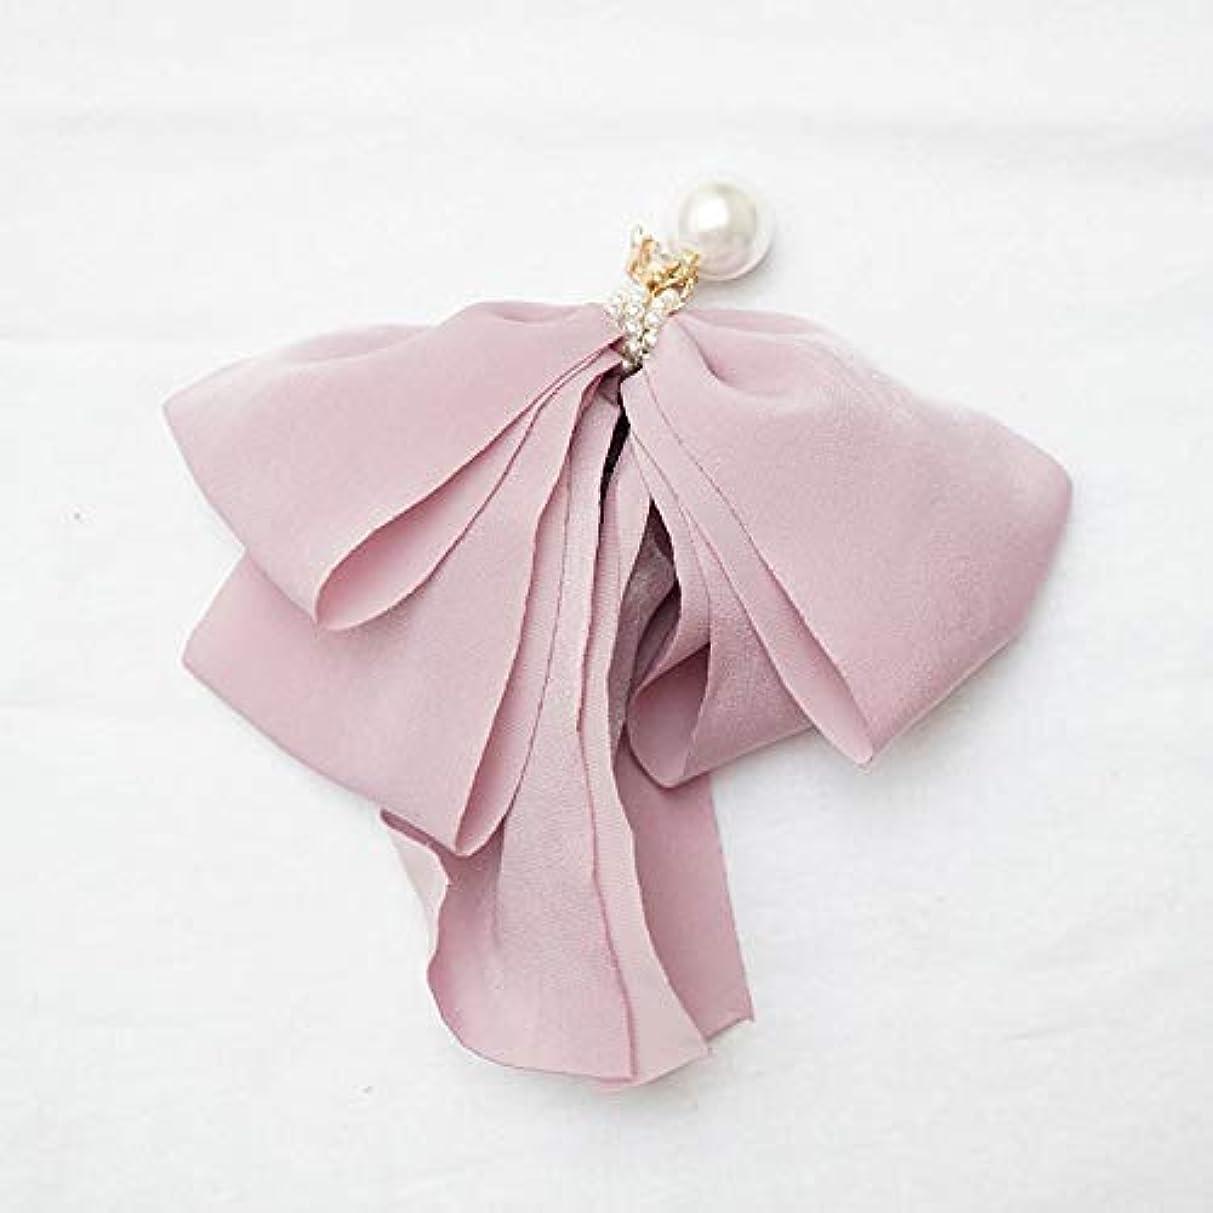 アスレチックコットンいつかHPYOD HOME ファッションロゼットヘアピン便利なヘアクリップ女性結婚式のアクセサリー(パープル)ヘアピン